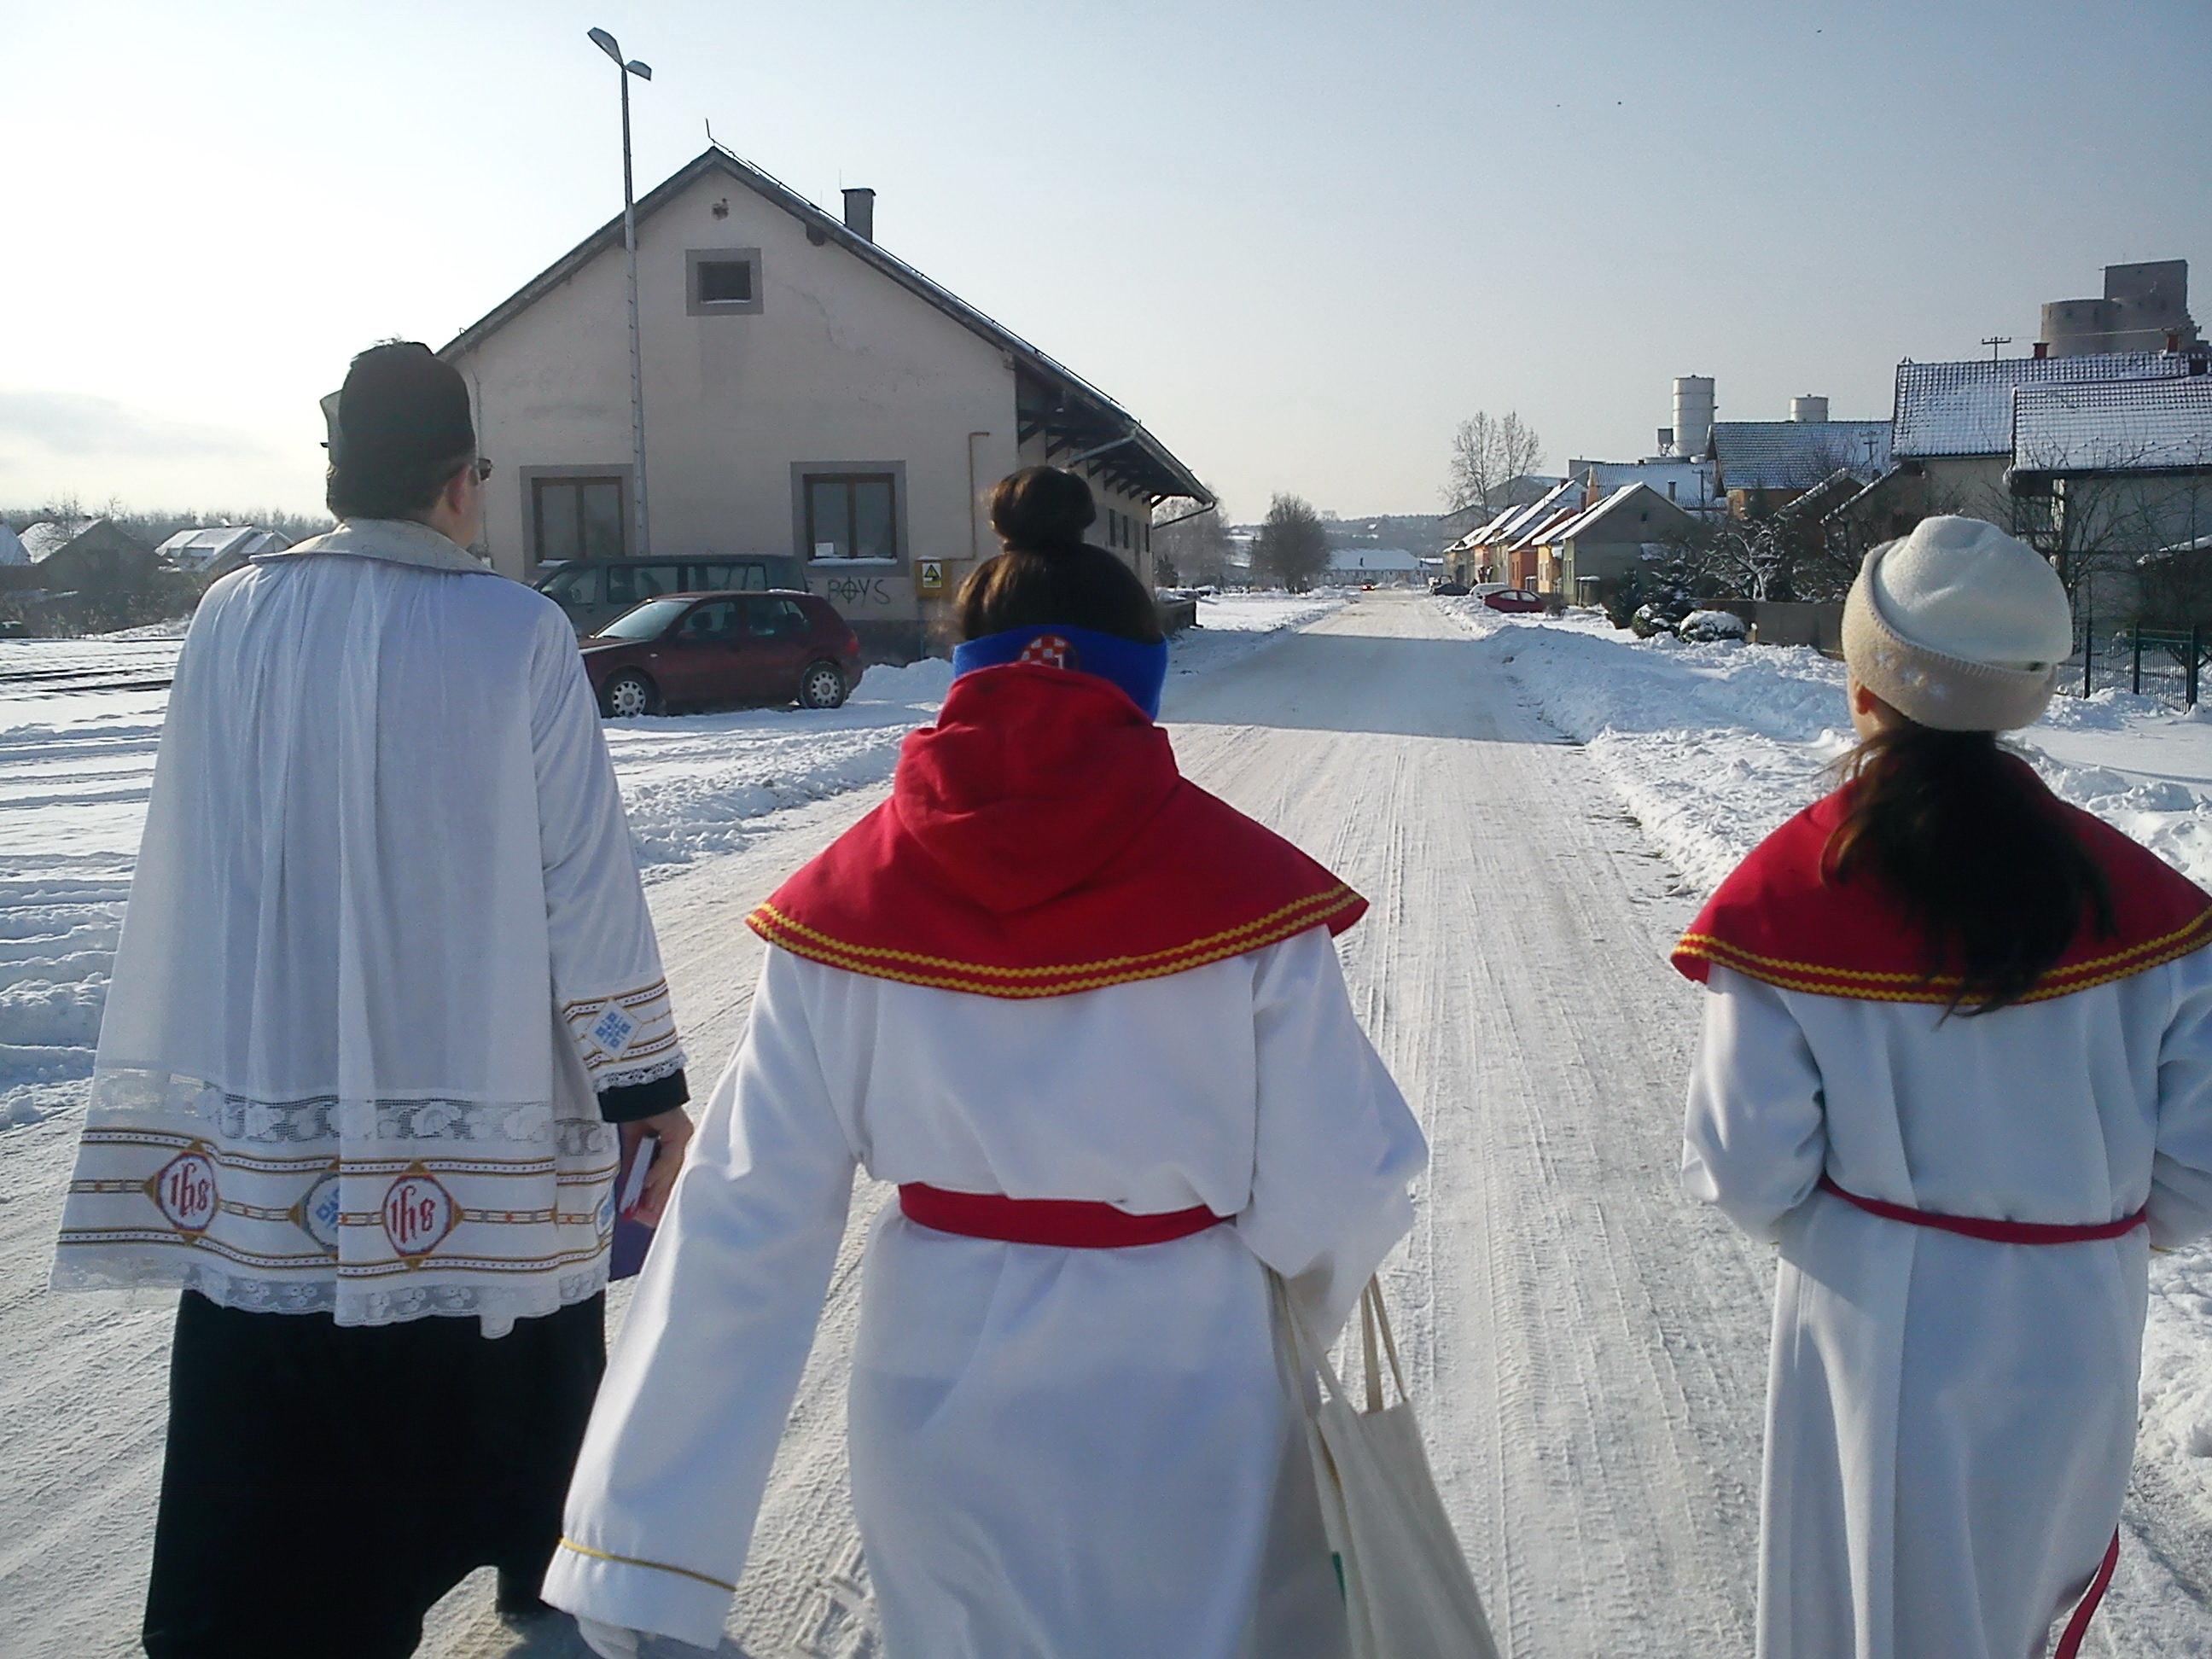 Blagoslov obitelji i domova 2014 sa župnikom Brankom (Markovac Našički) - 30.12.2014.